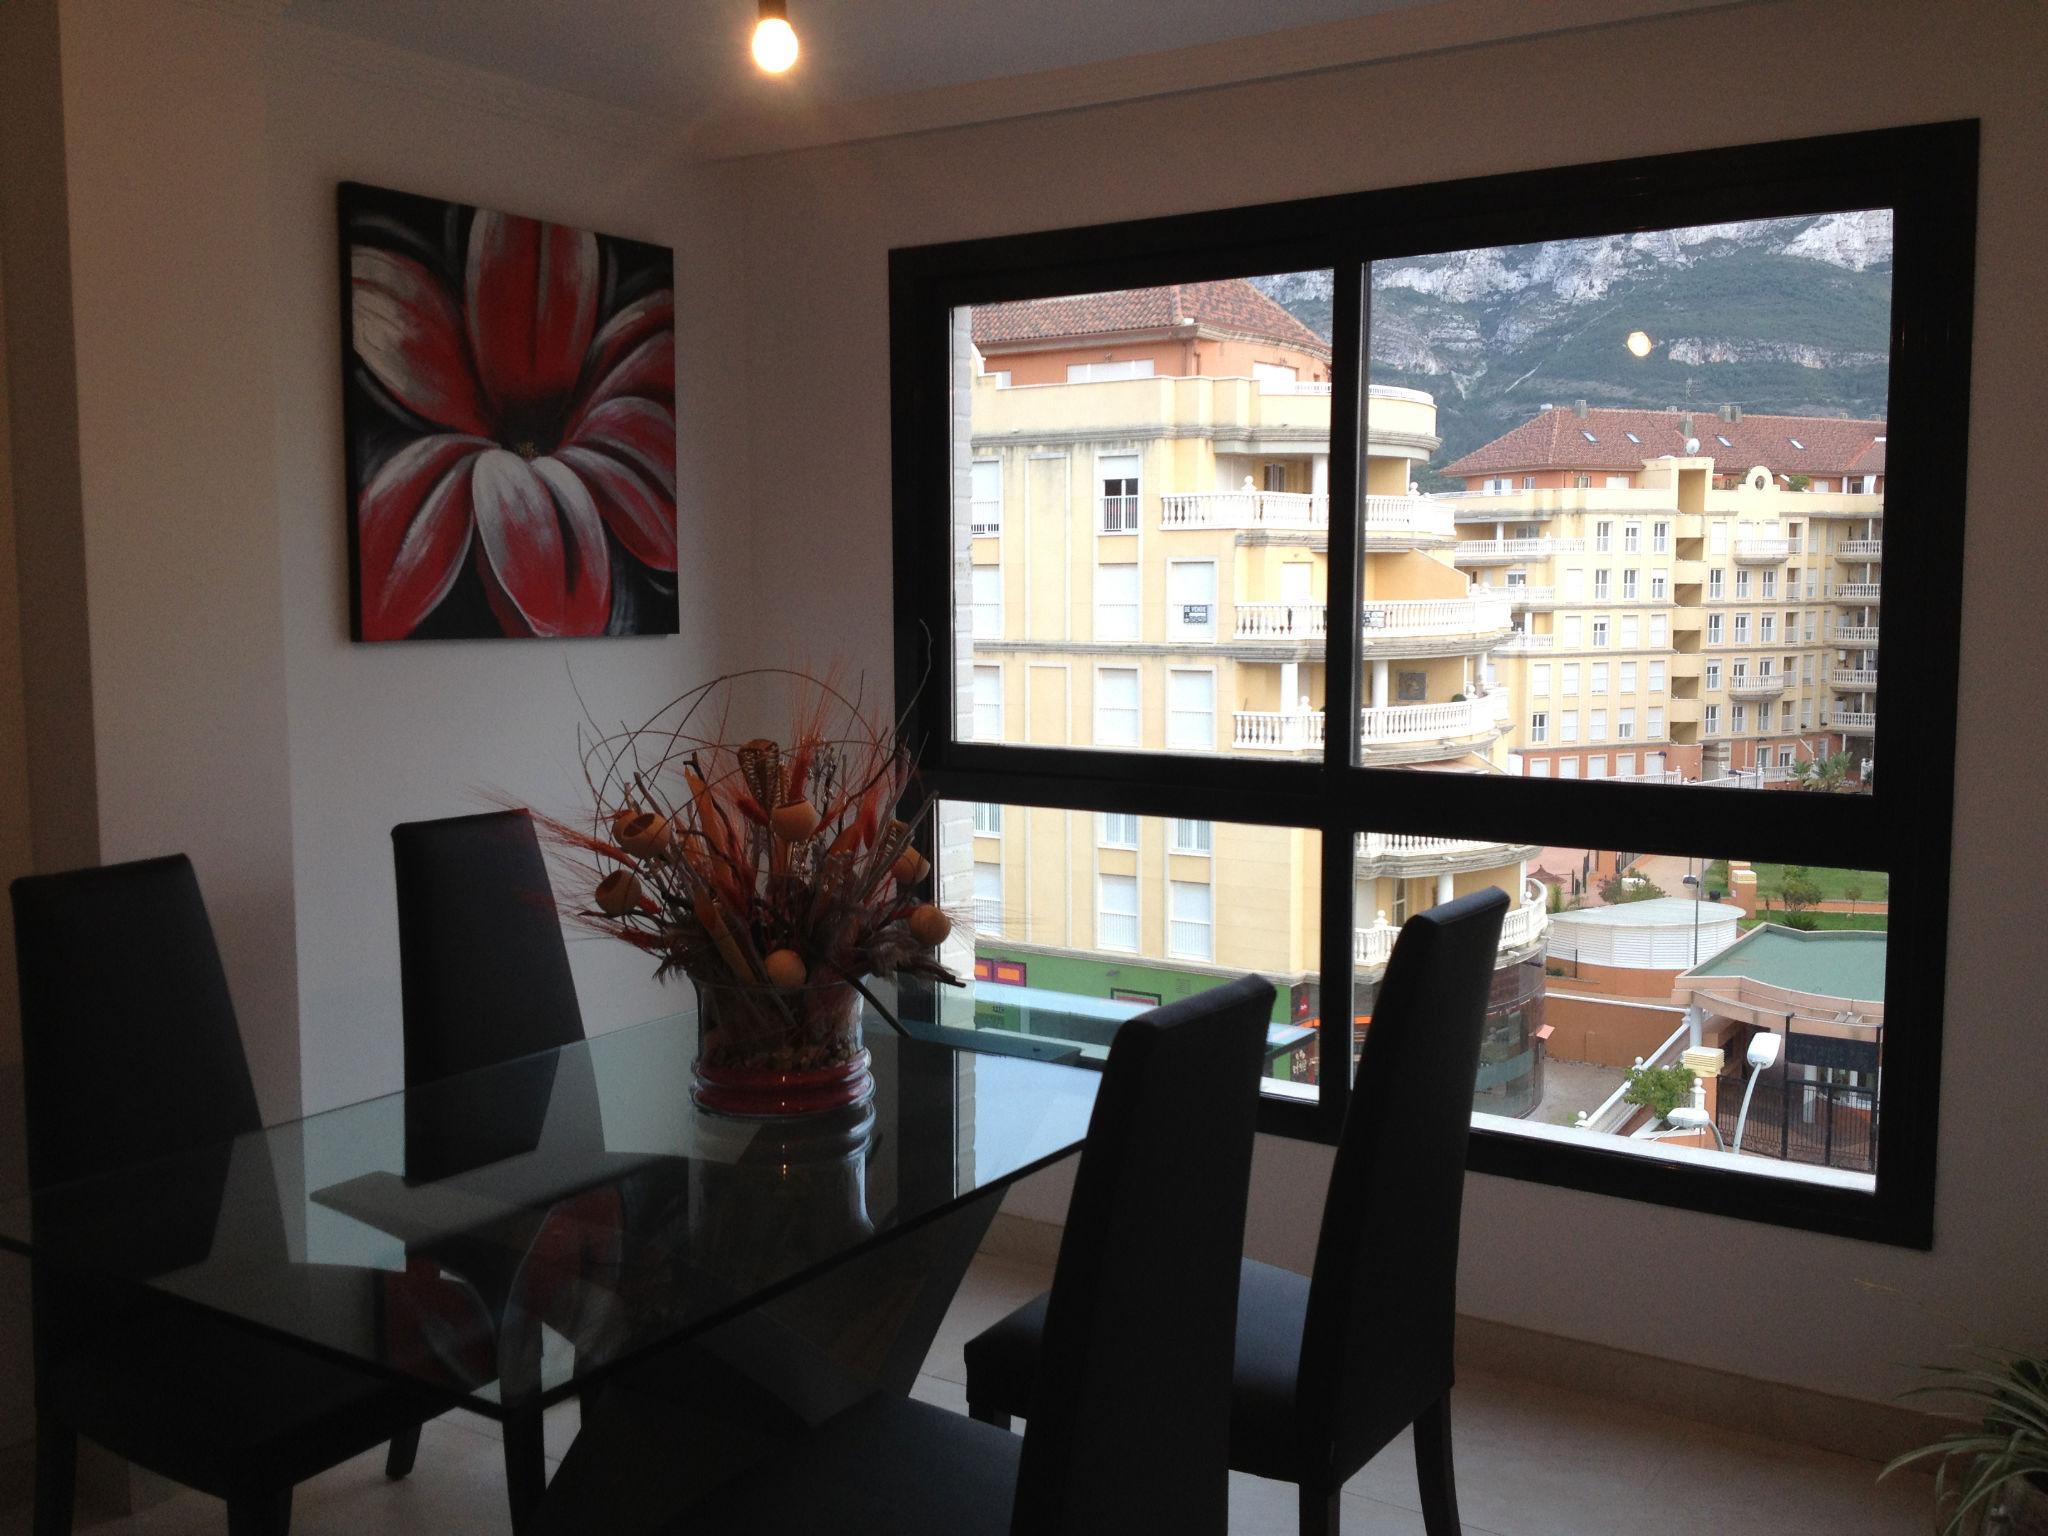 Апартаменты в Аликанте - Коста Бланка, площадь 108 м², 3 спальни